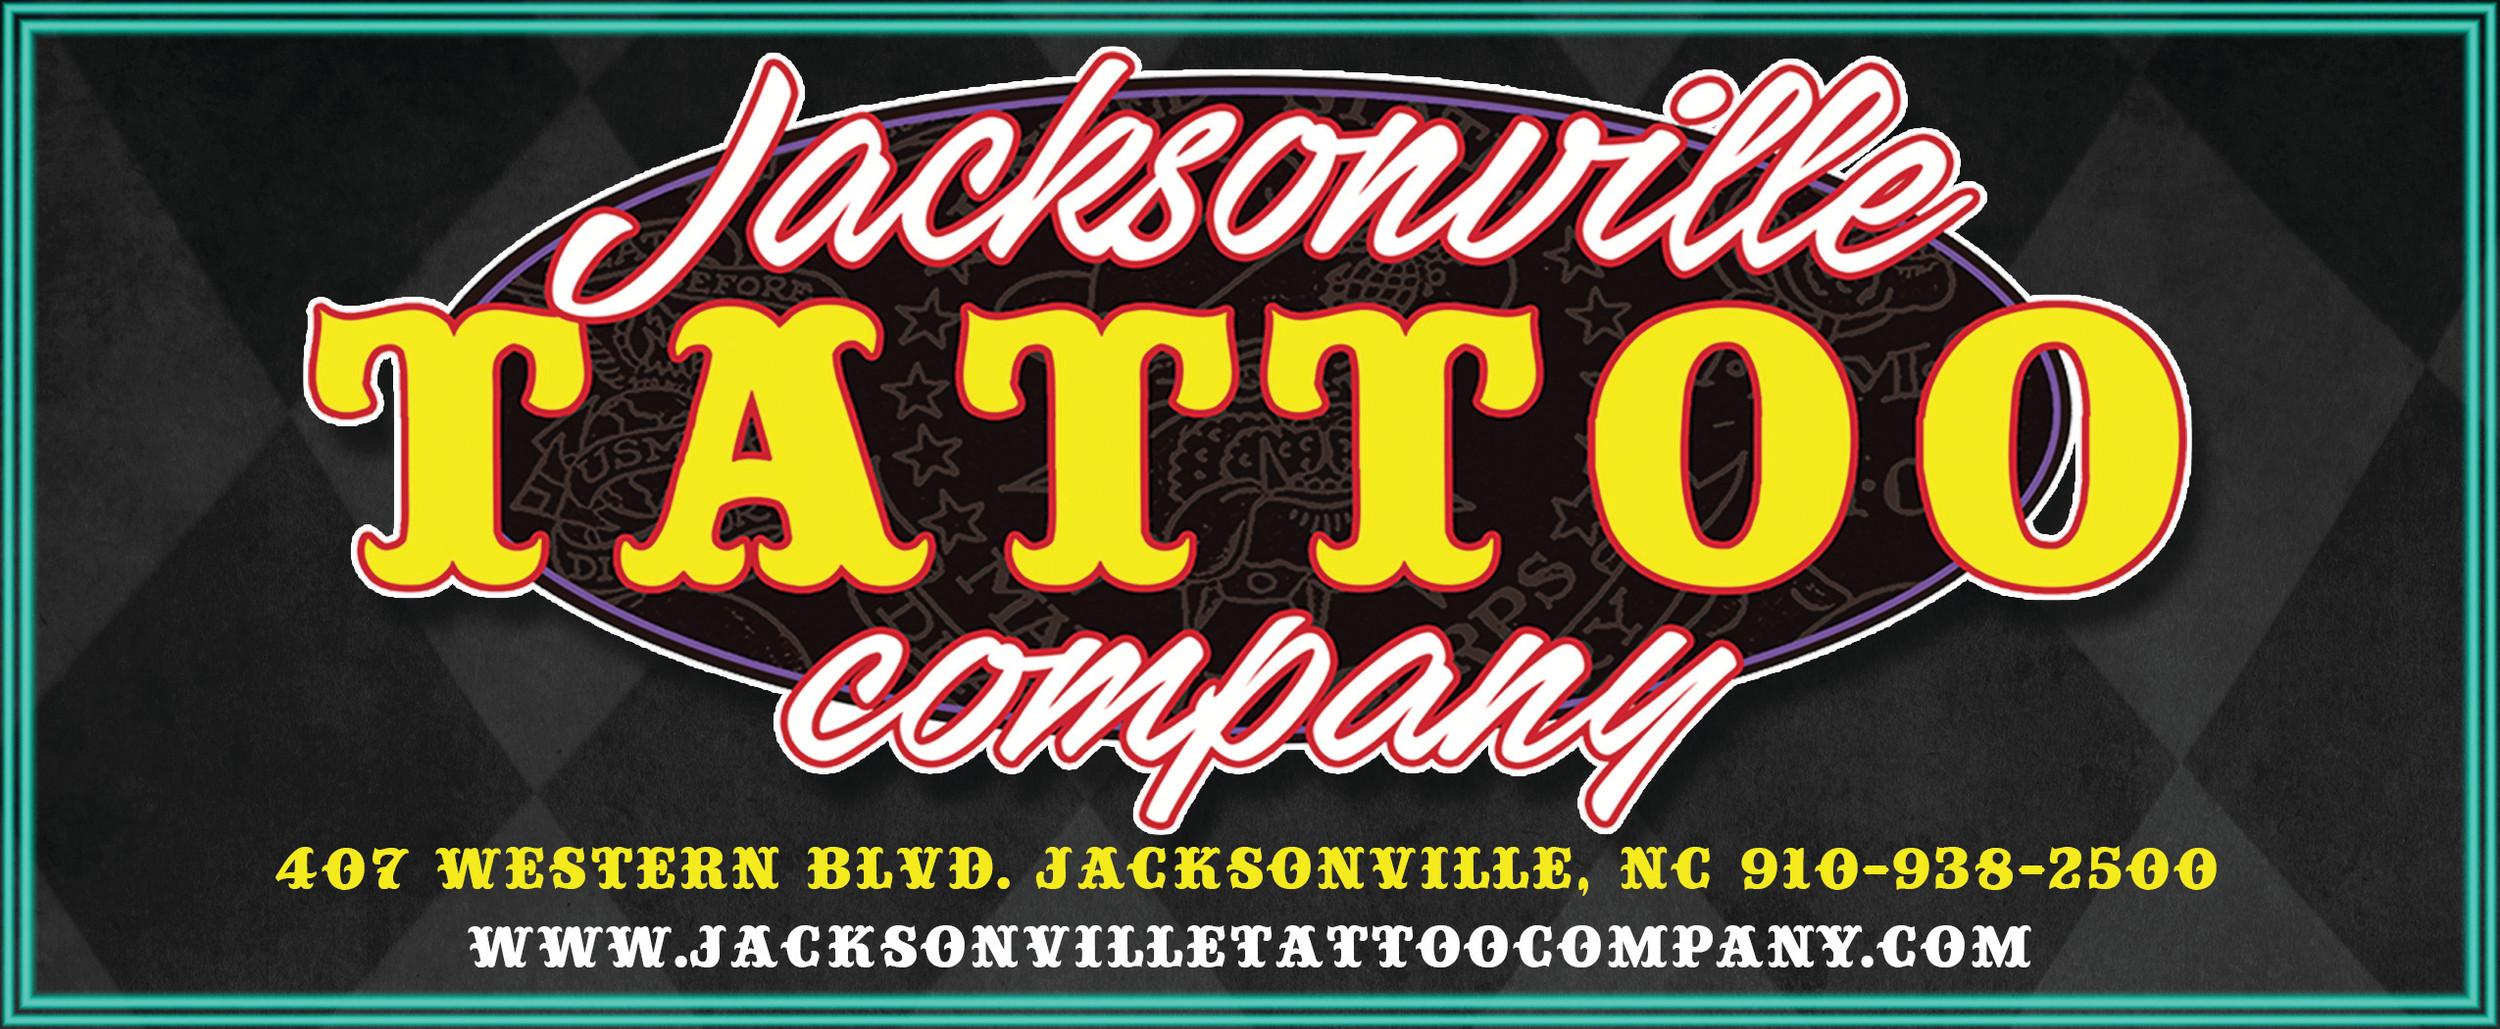 Jacksonville Tattoo Company, Jacksonville NC Tattoo Shop